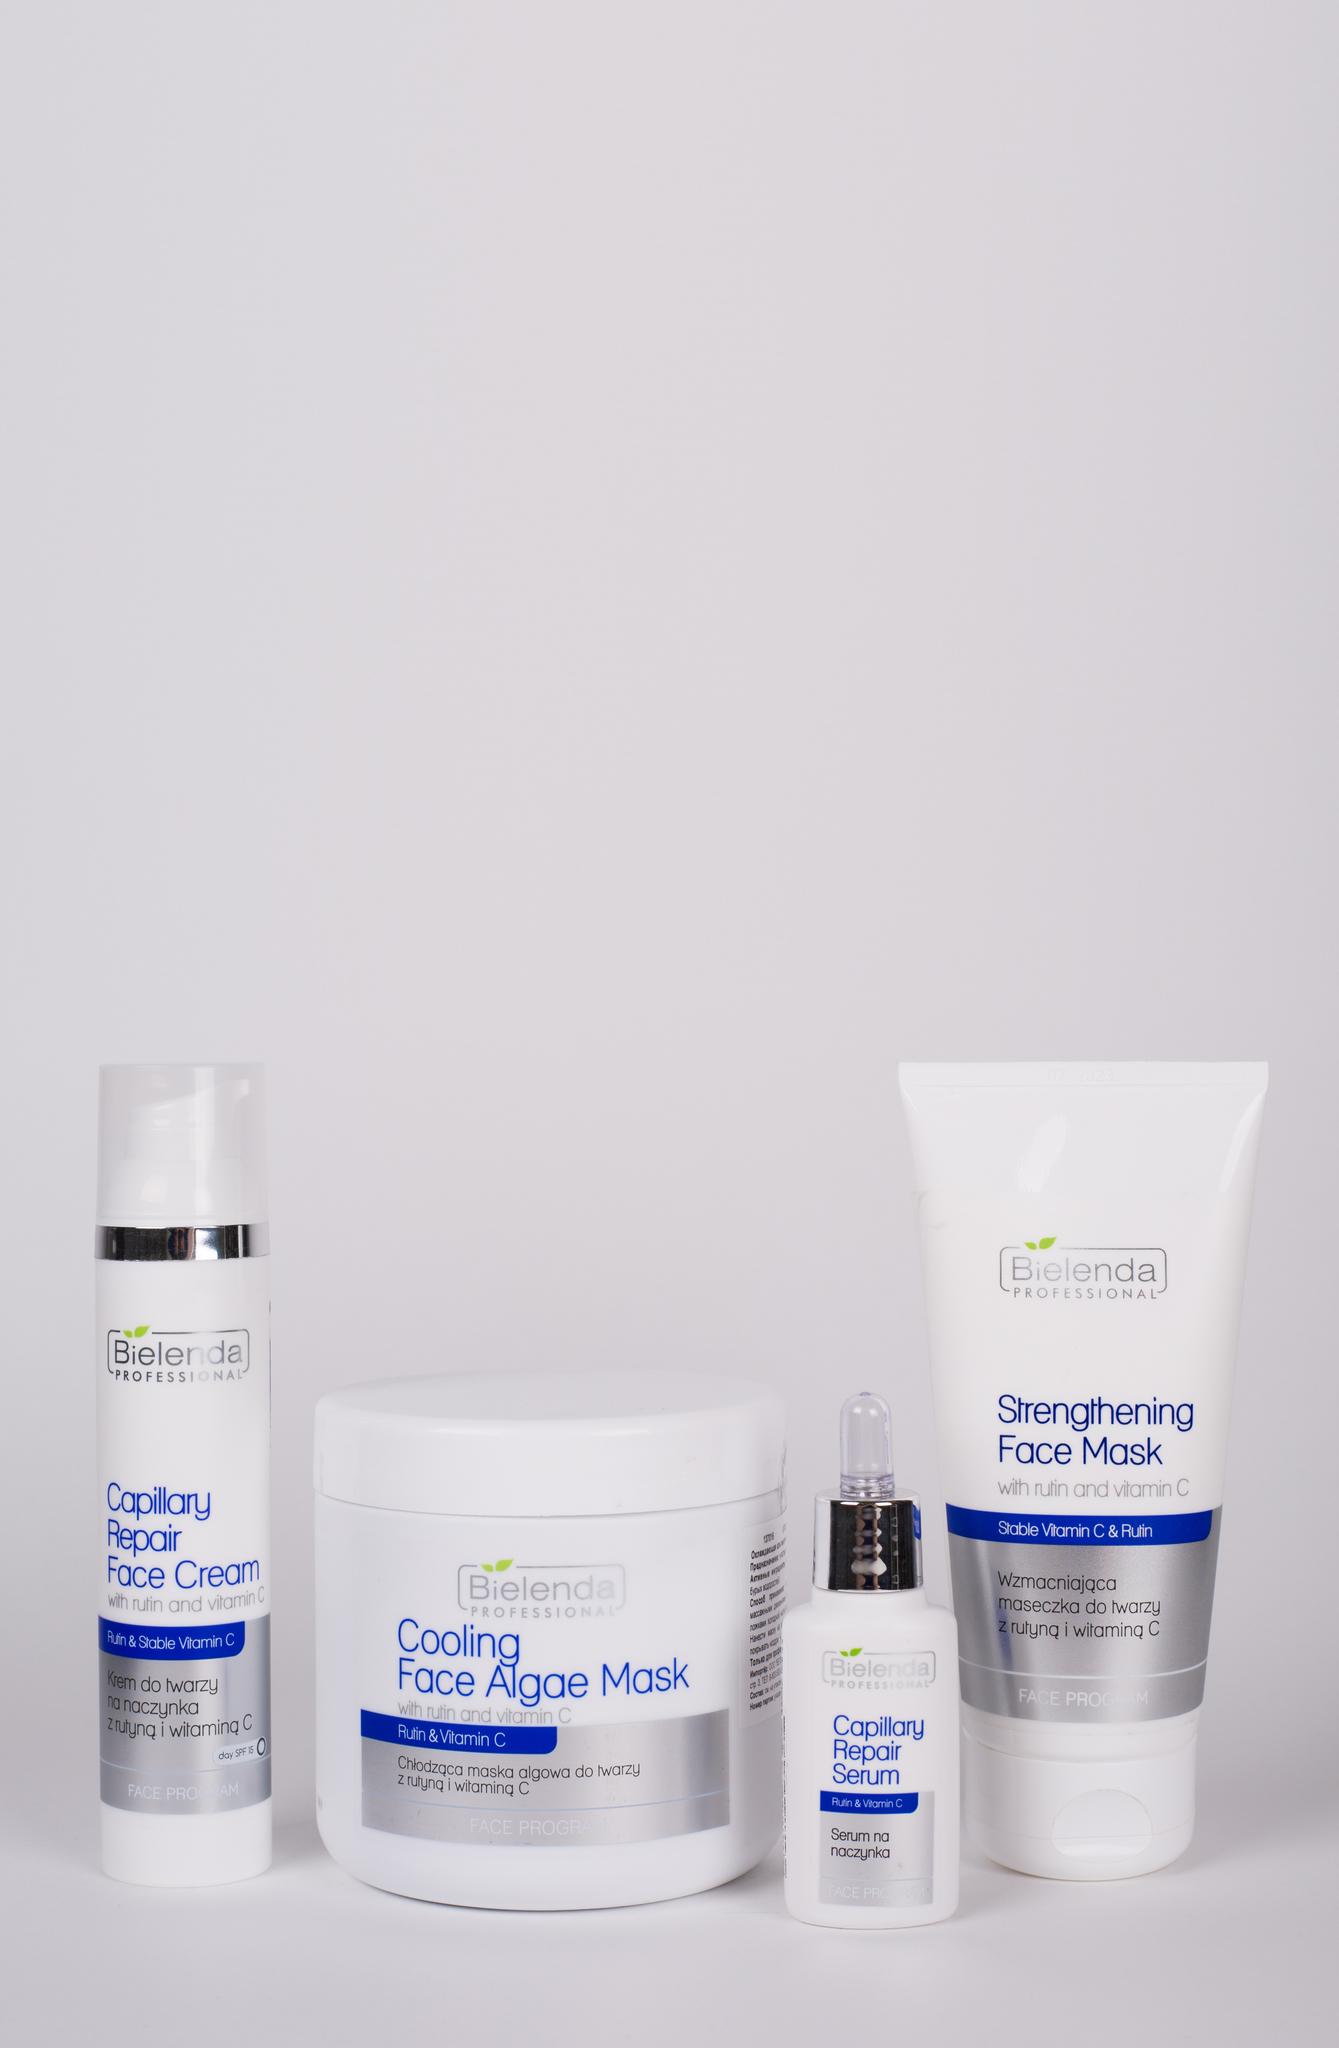 VITAMIN C AND RUTINE ANTI-CAPILLARIES Охлаждающая альгинатная маска для лица с рутином и витамином С (доп. упаковка), 190 г.